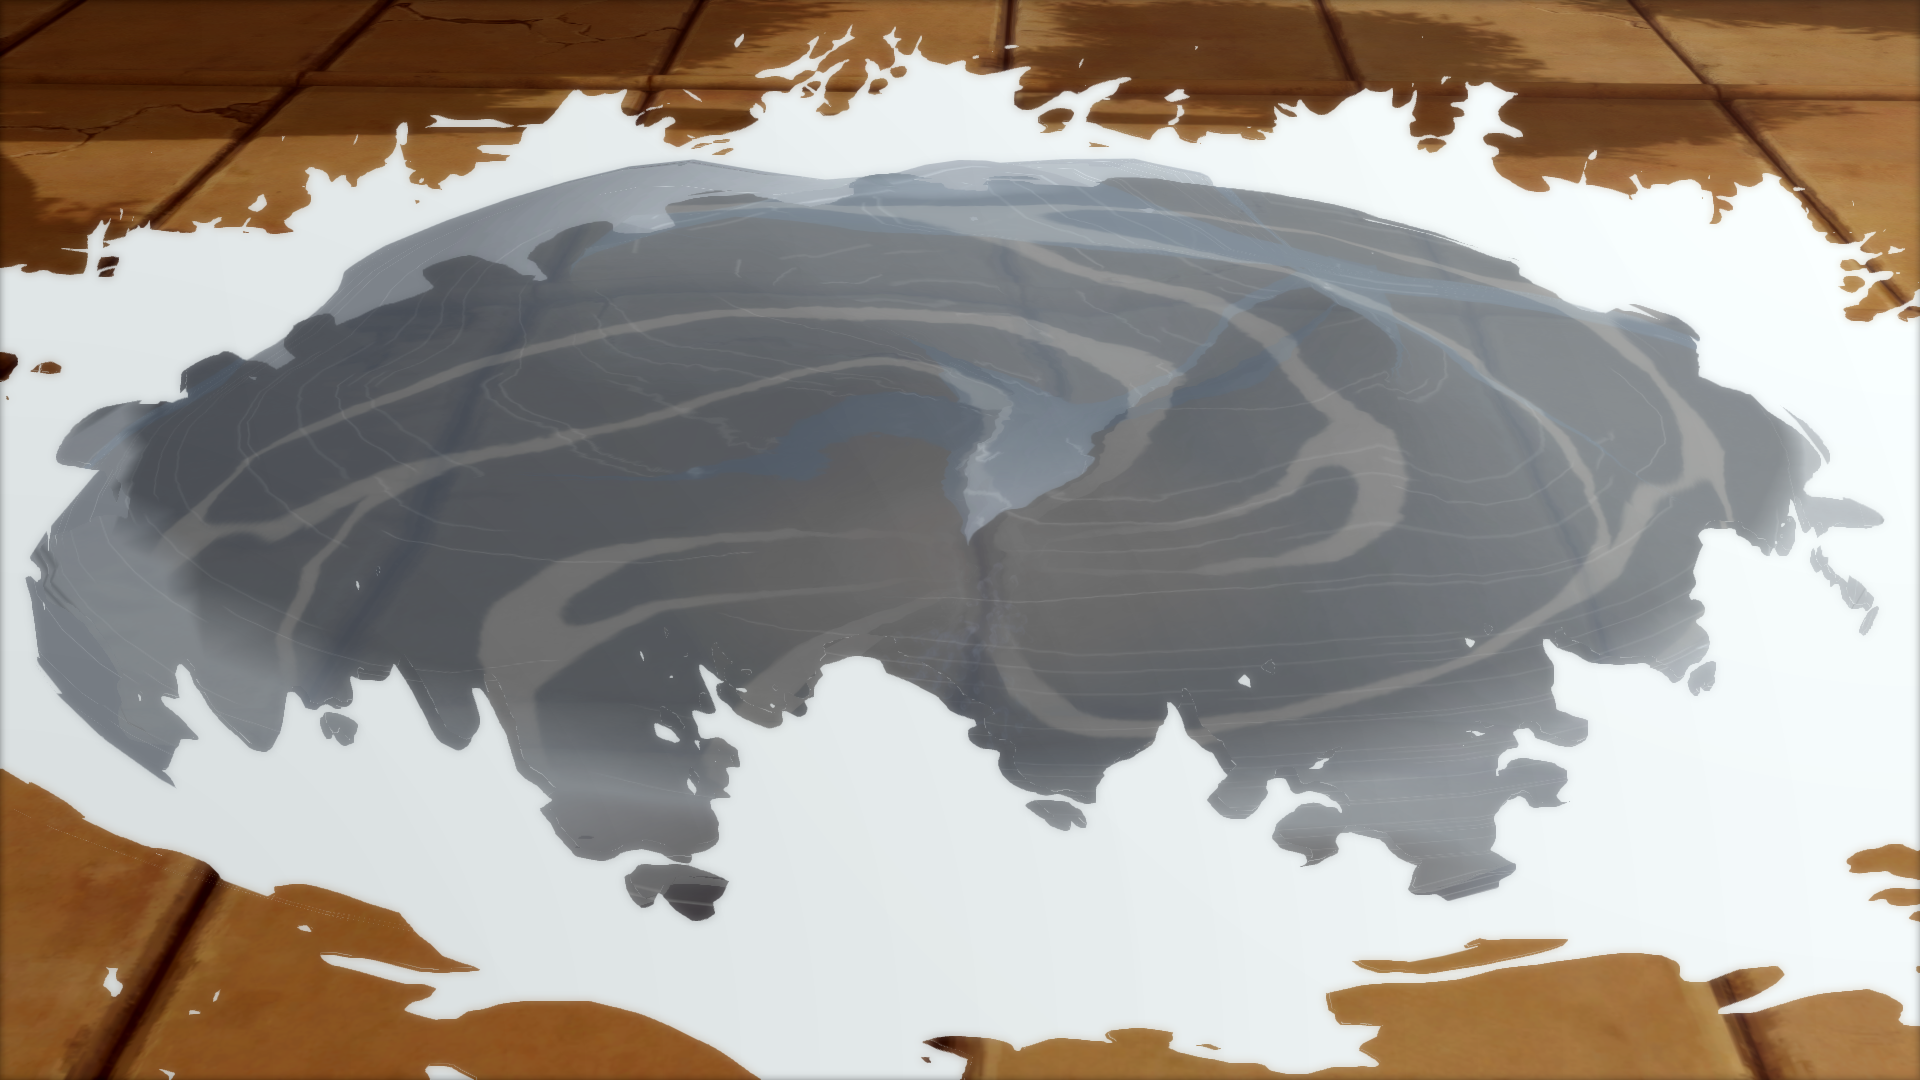 Liberação de Água: Mordida Explosiva do Dragão de Água